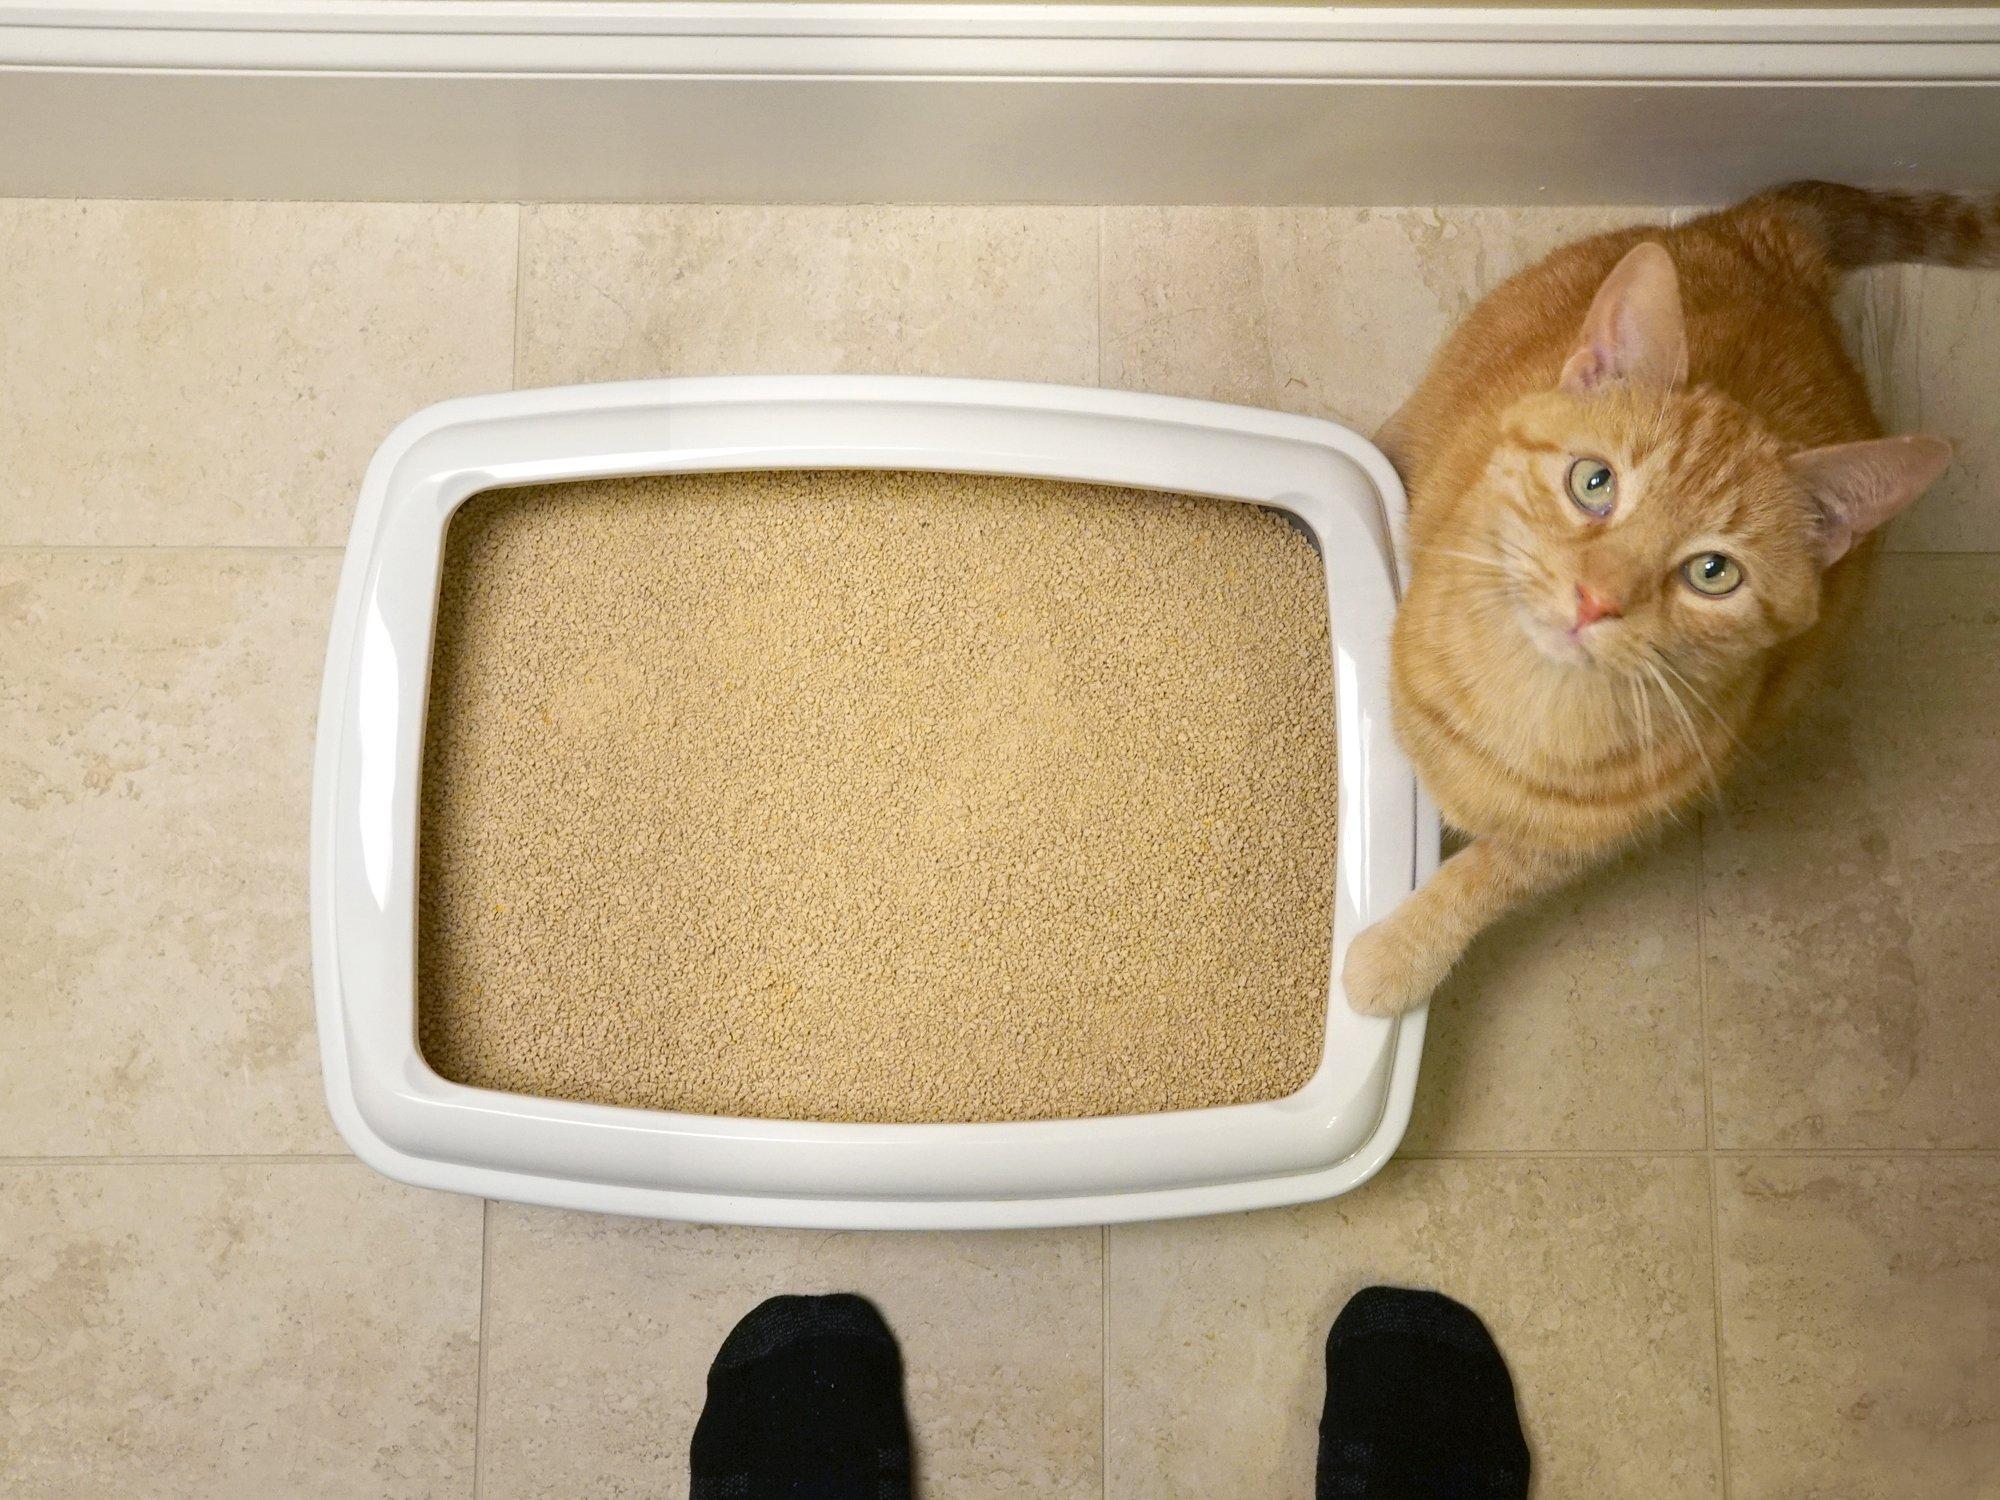 World's Best Cat Litter, Clumping Litter Formula, 28-Pounds